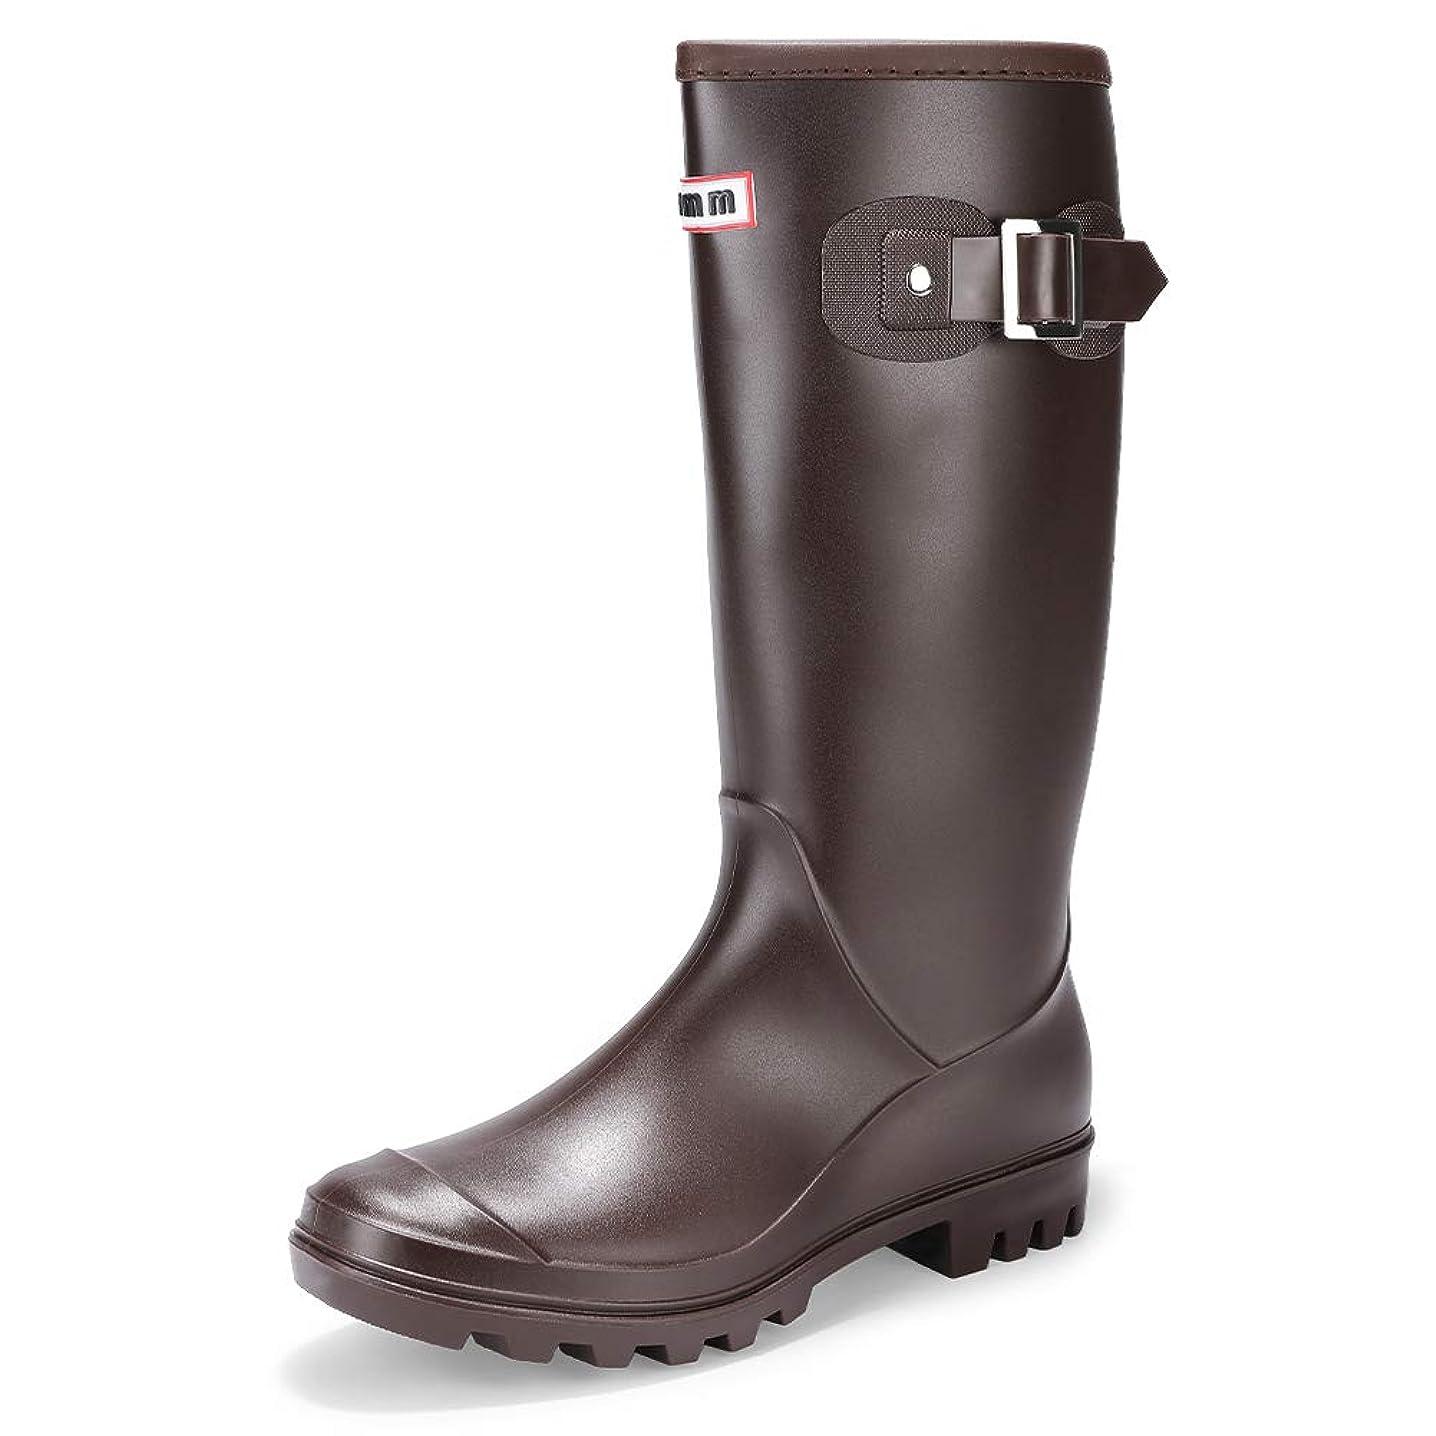 せがむ付添人正しく[IDIFU] レディース 歩きやすい 防水 防滑 ベルト 長靴 無地 ラウンドトウ ロング 雨 レインブーツ